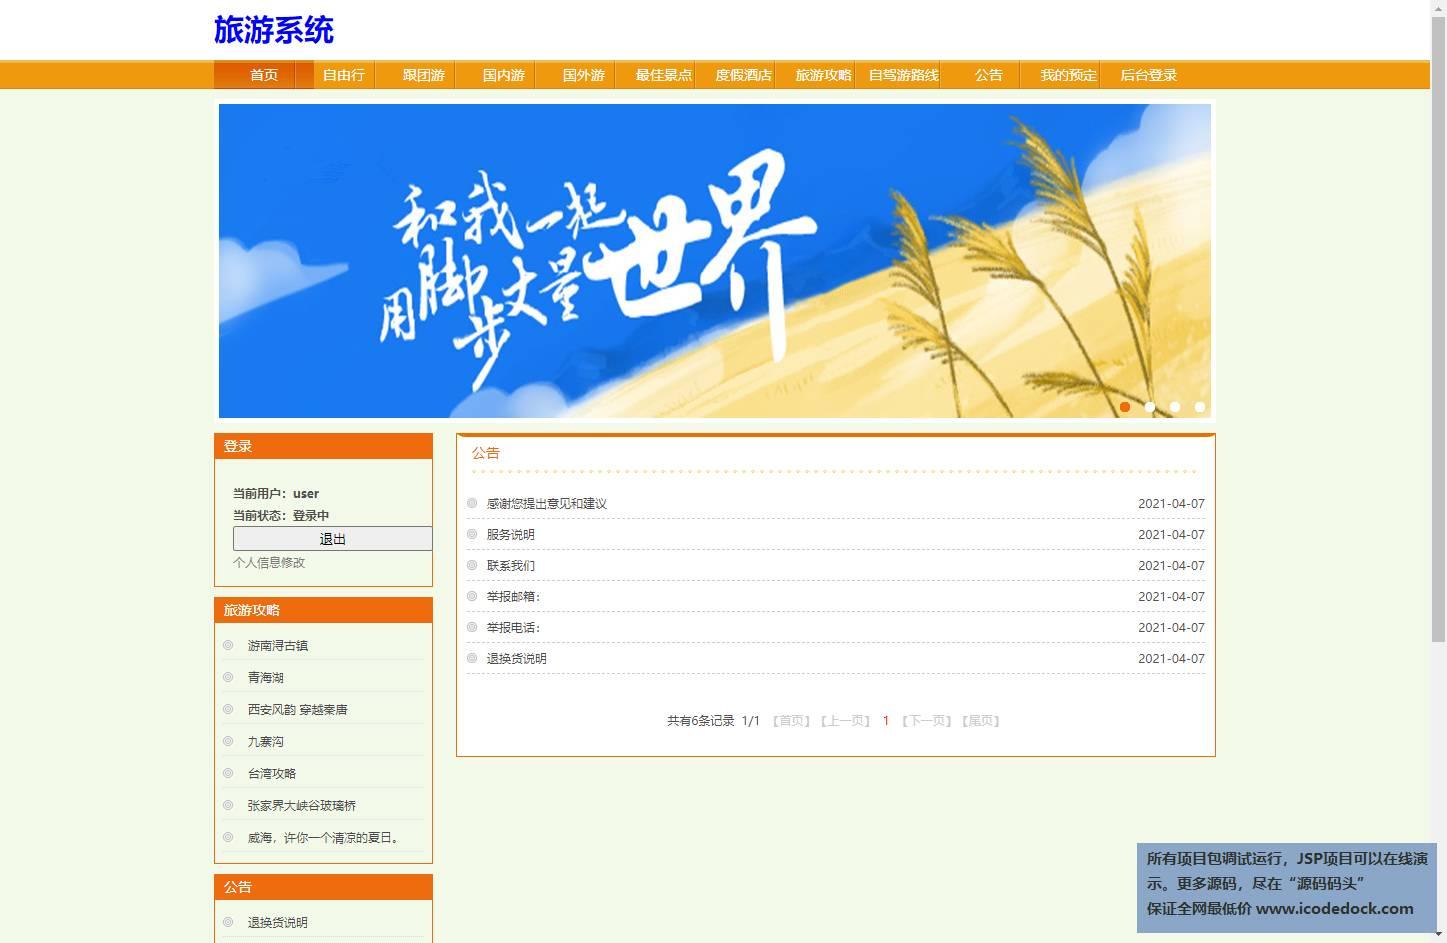 源码码头-SSH实现在线旅游网站-用户角色-查看公告